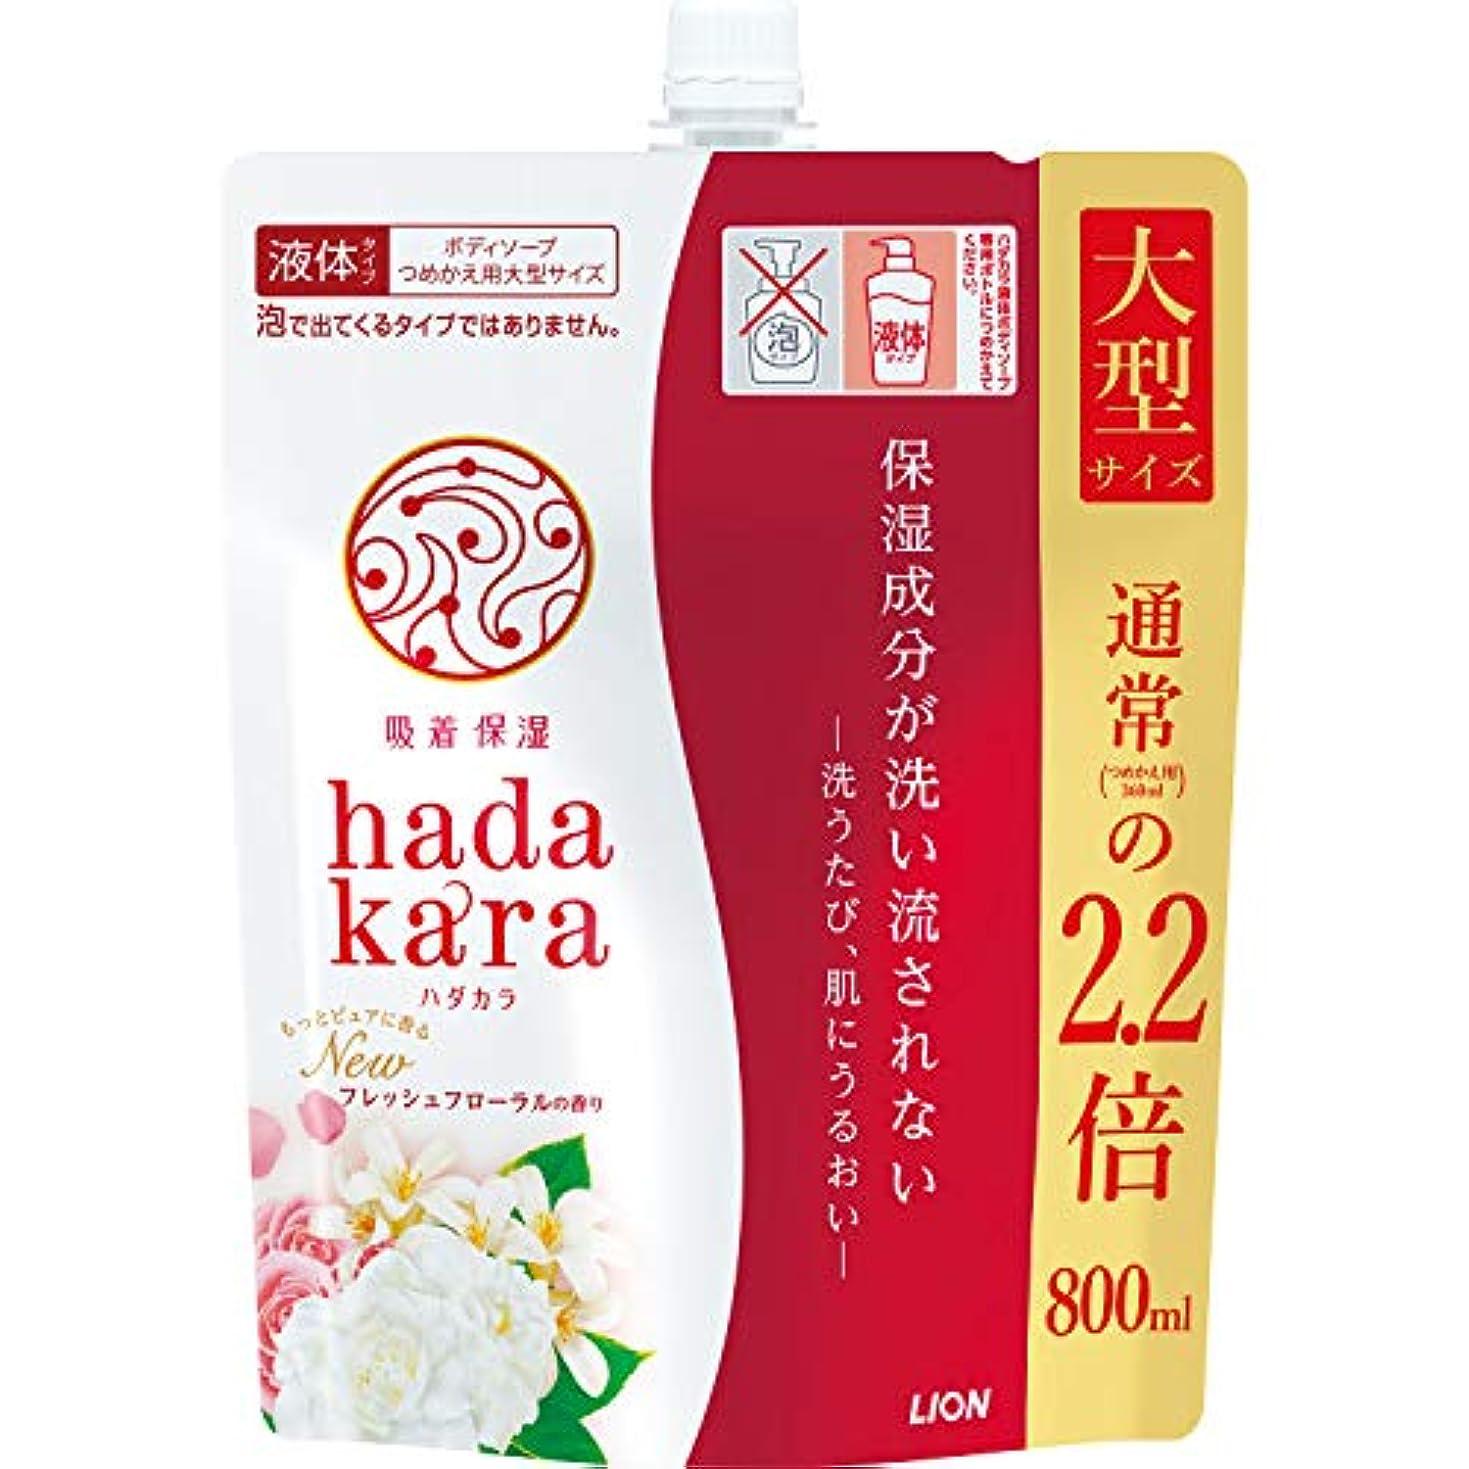 バンガロー増幅必要としているhadakara(ハダカラ) ボディソープ フレッシュフローラルの香り つめかえ用大型サイズ 800ml